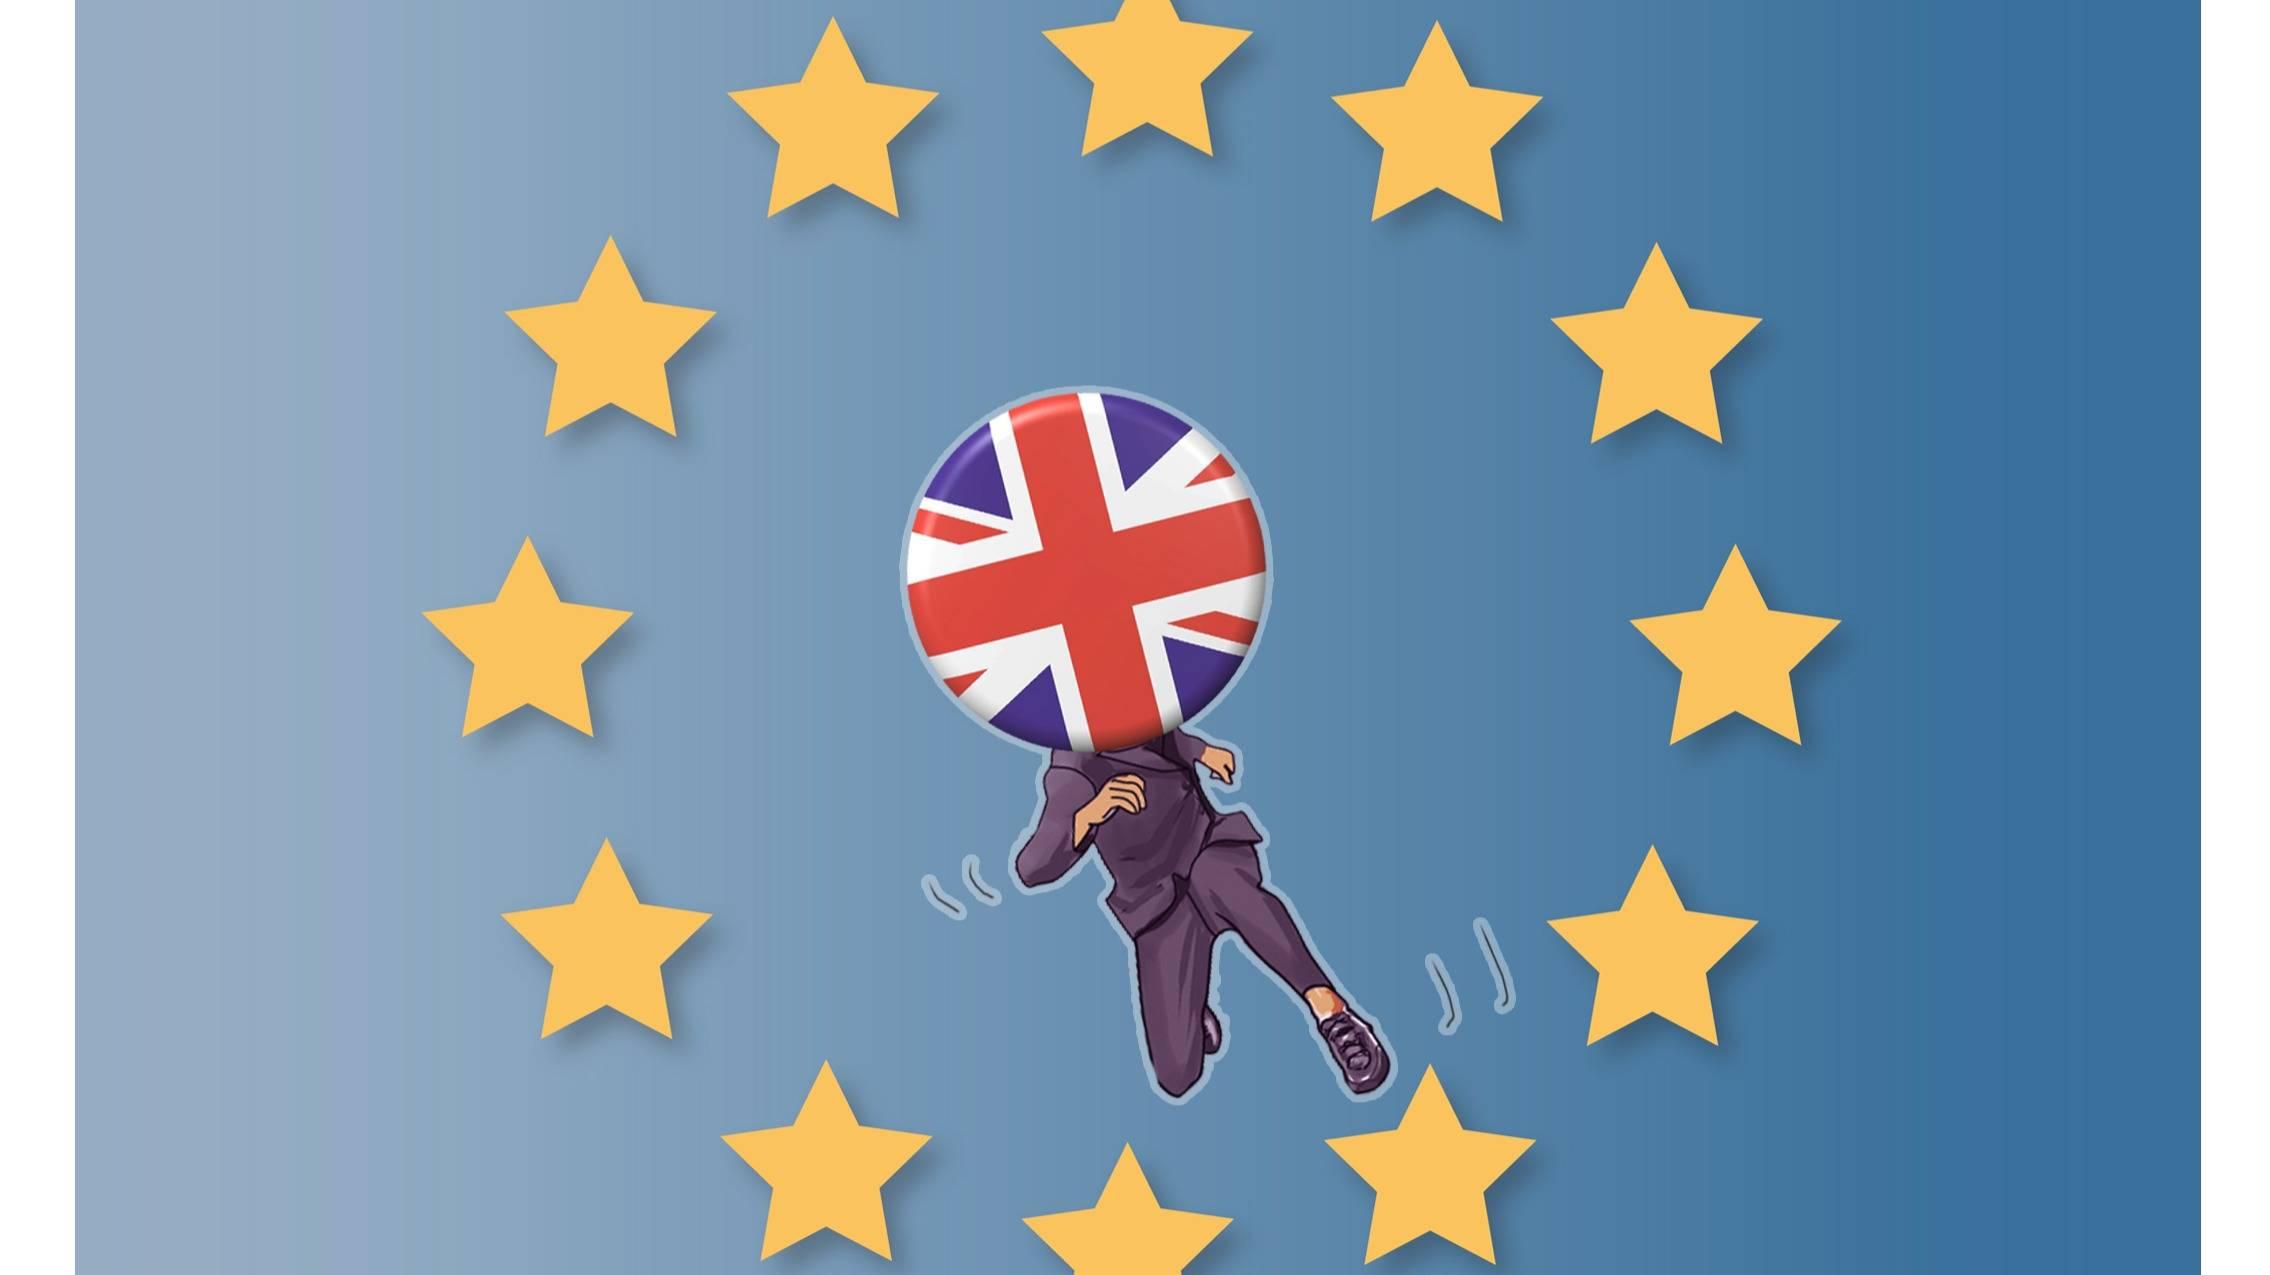 英国欧盟达成脱欧新协议,英镑大涨,鲍里斯奇迹突围